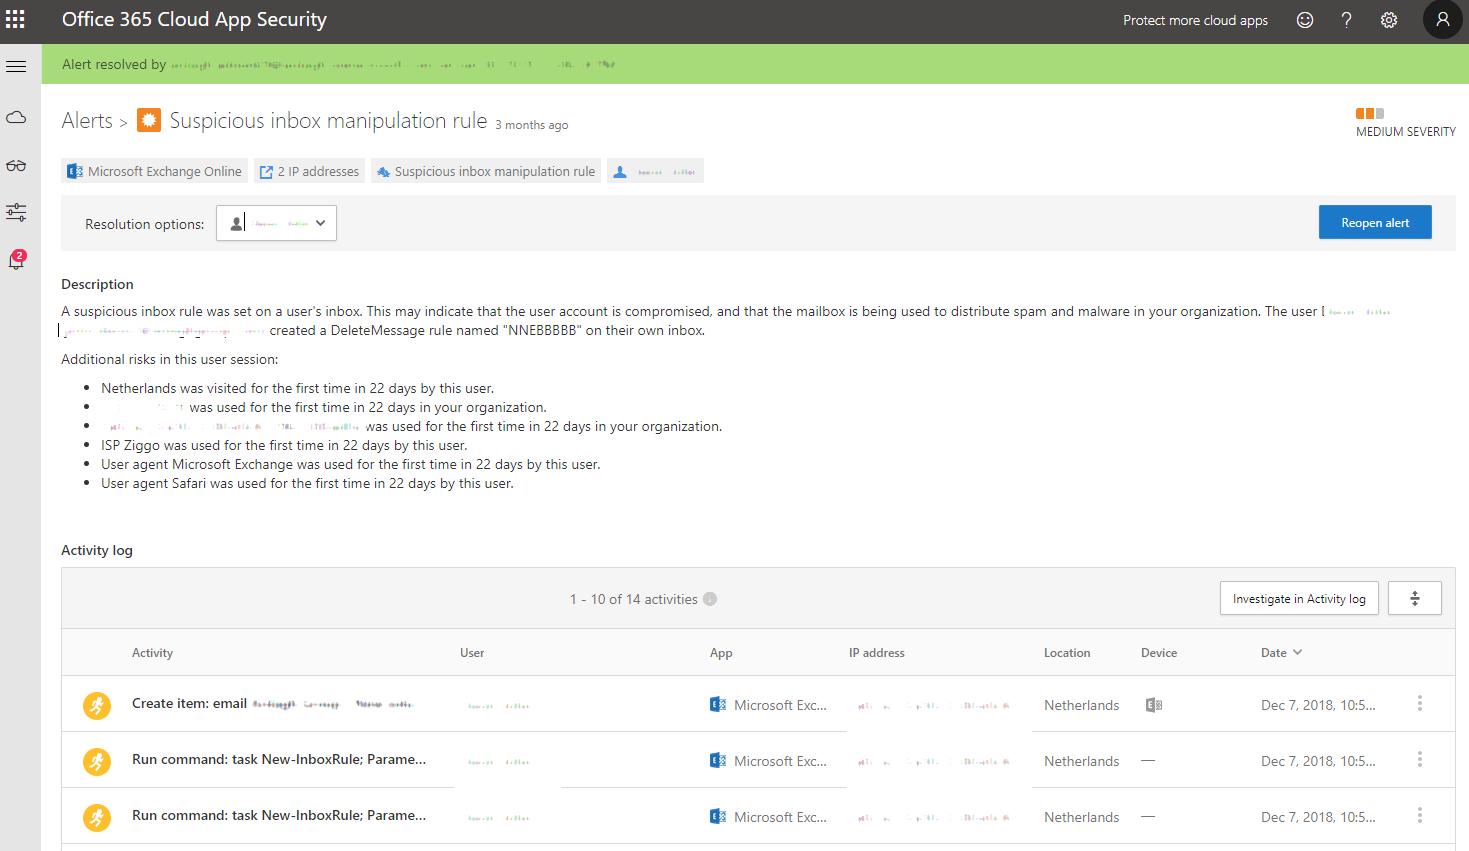 Office 365 Cloud App Security alert